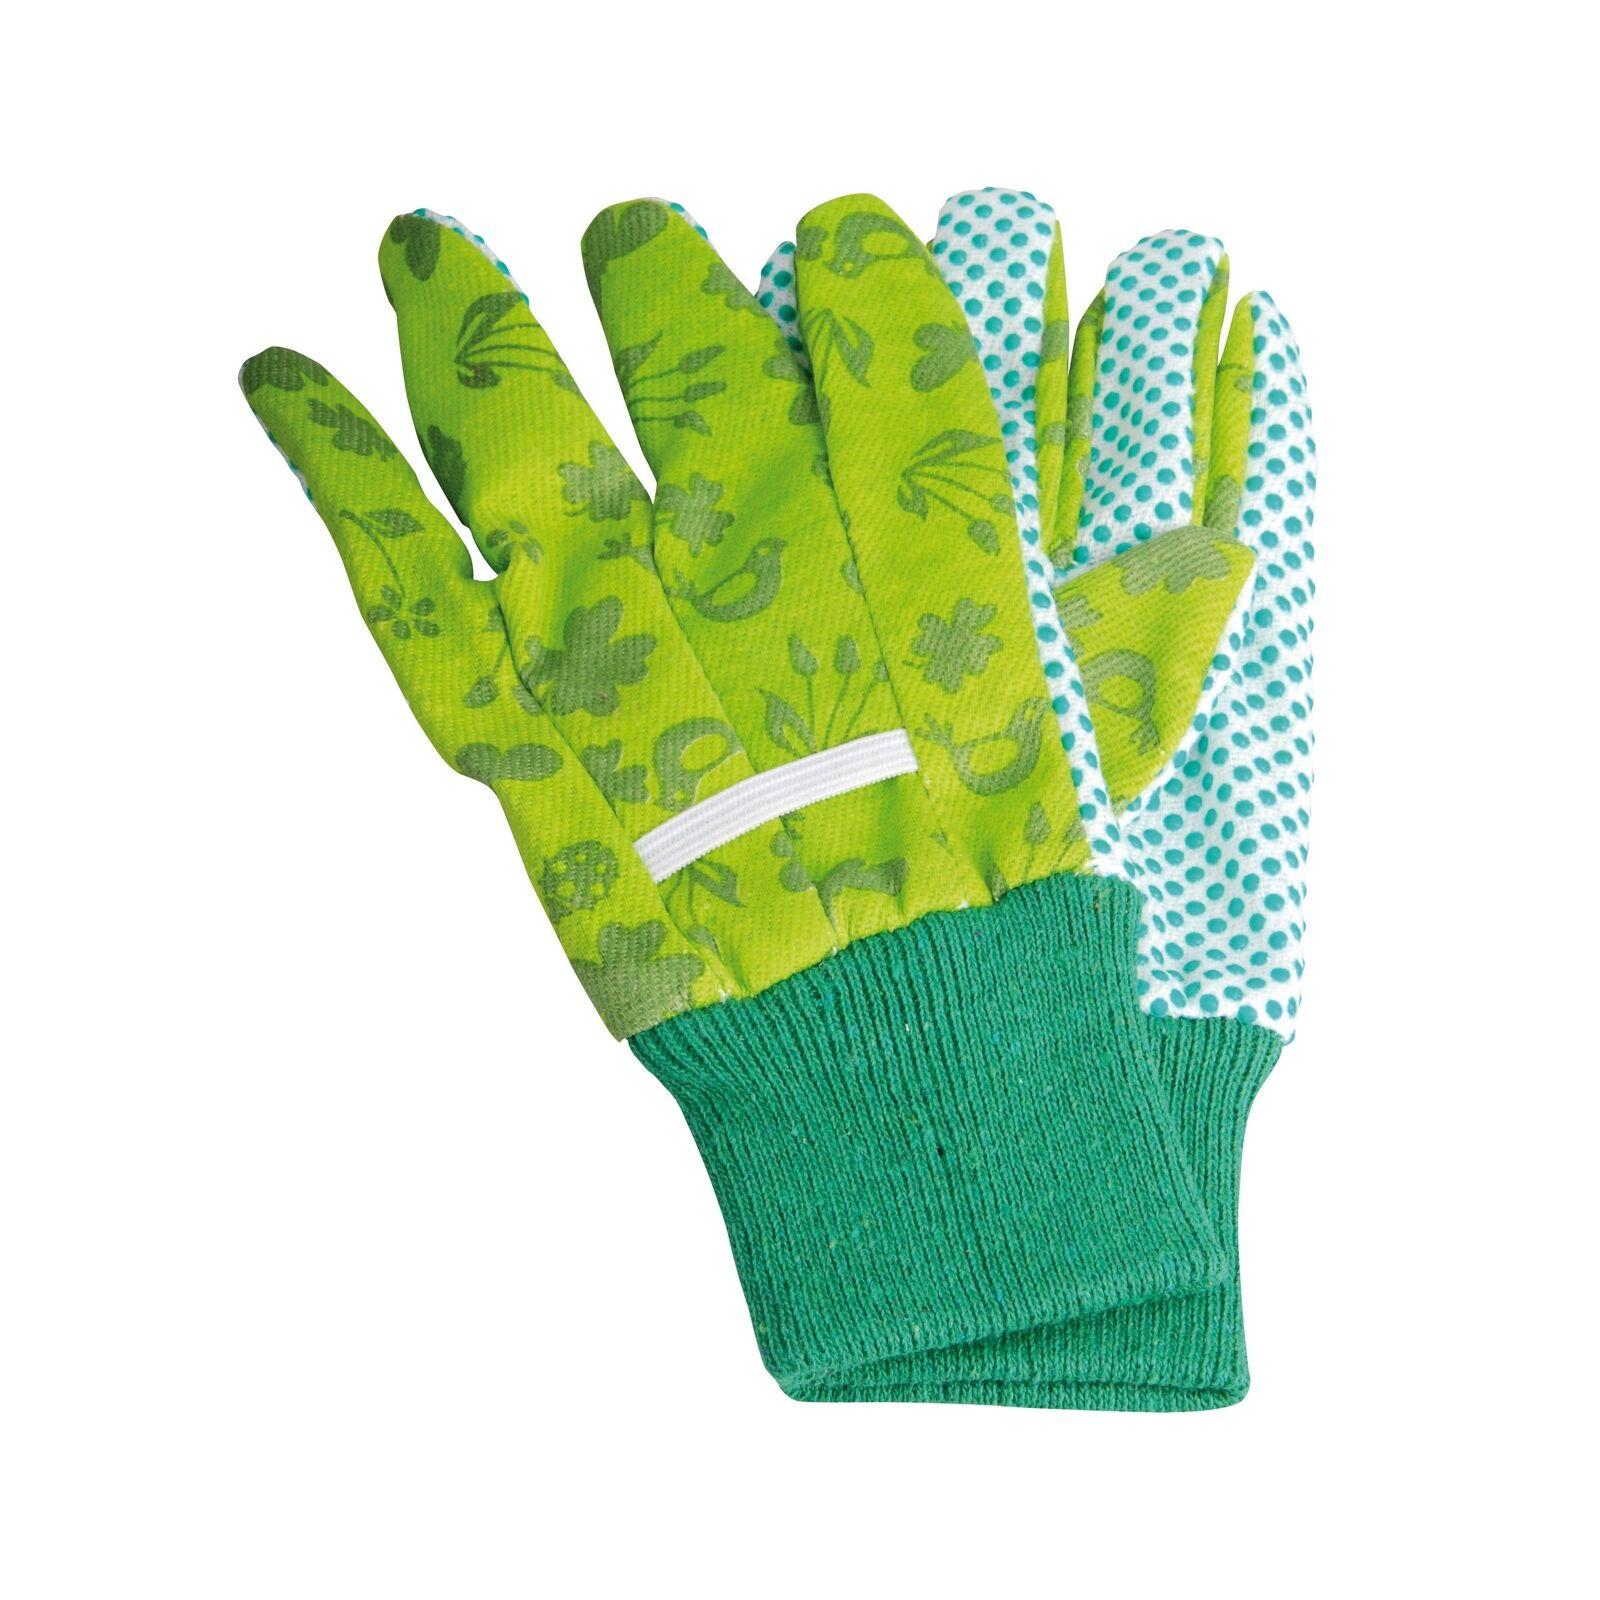 Kinderhandschuhe Handschuhe Gartenhandschuhe Kinder grün Garten